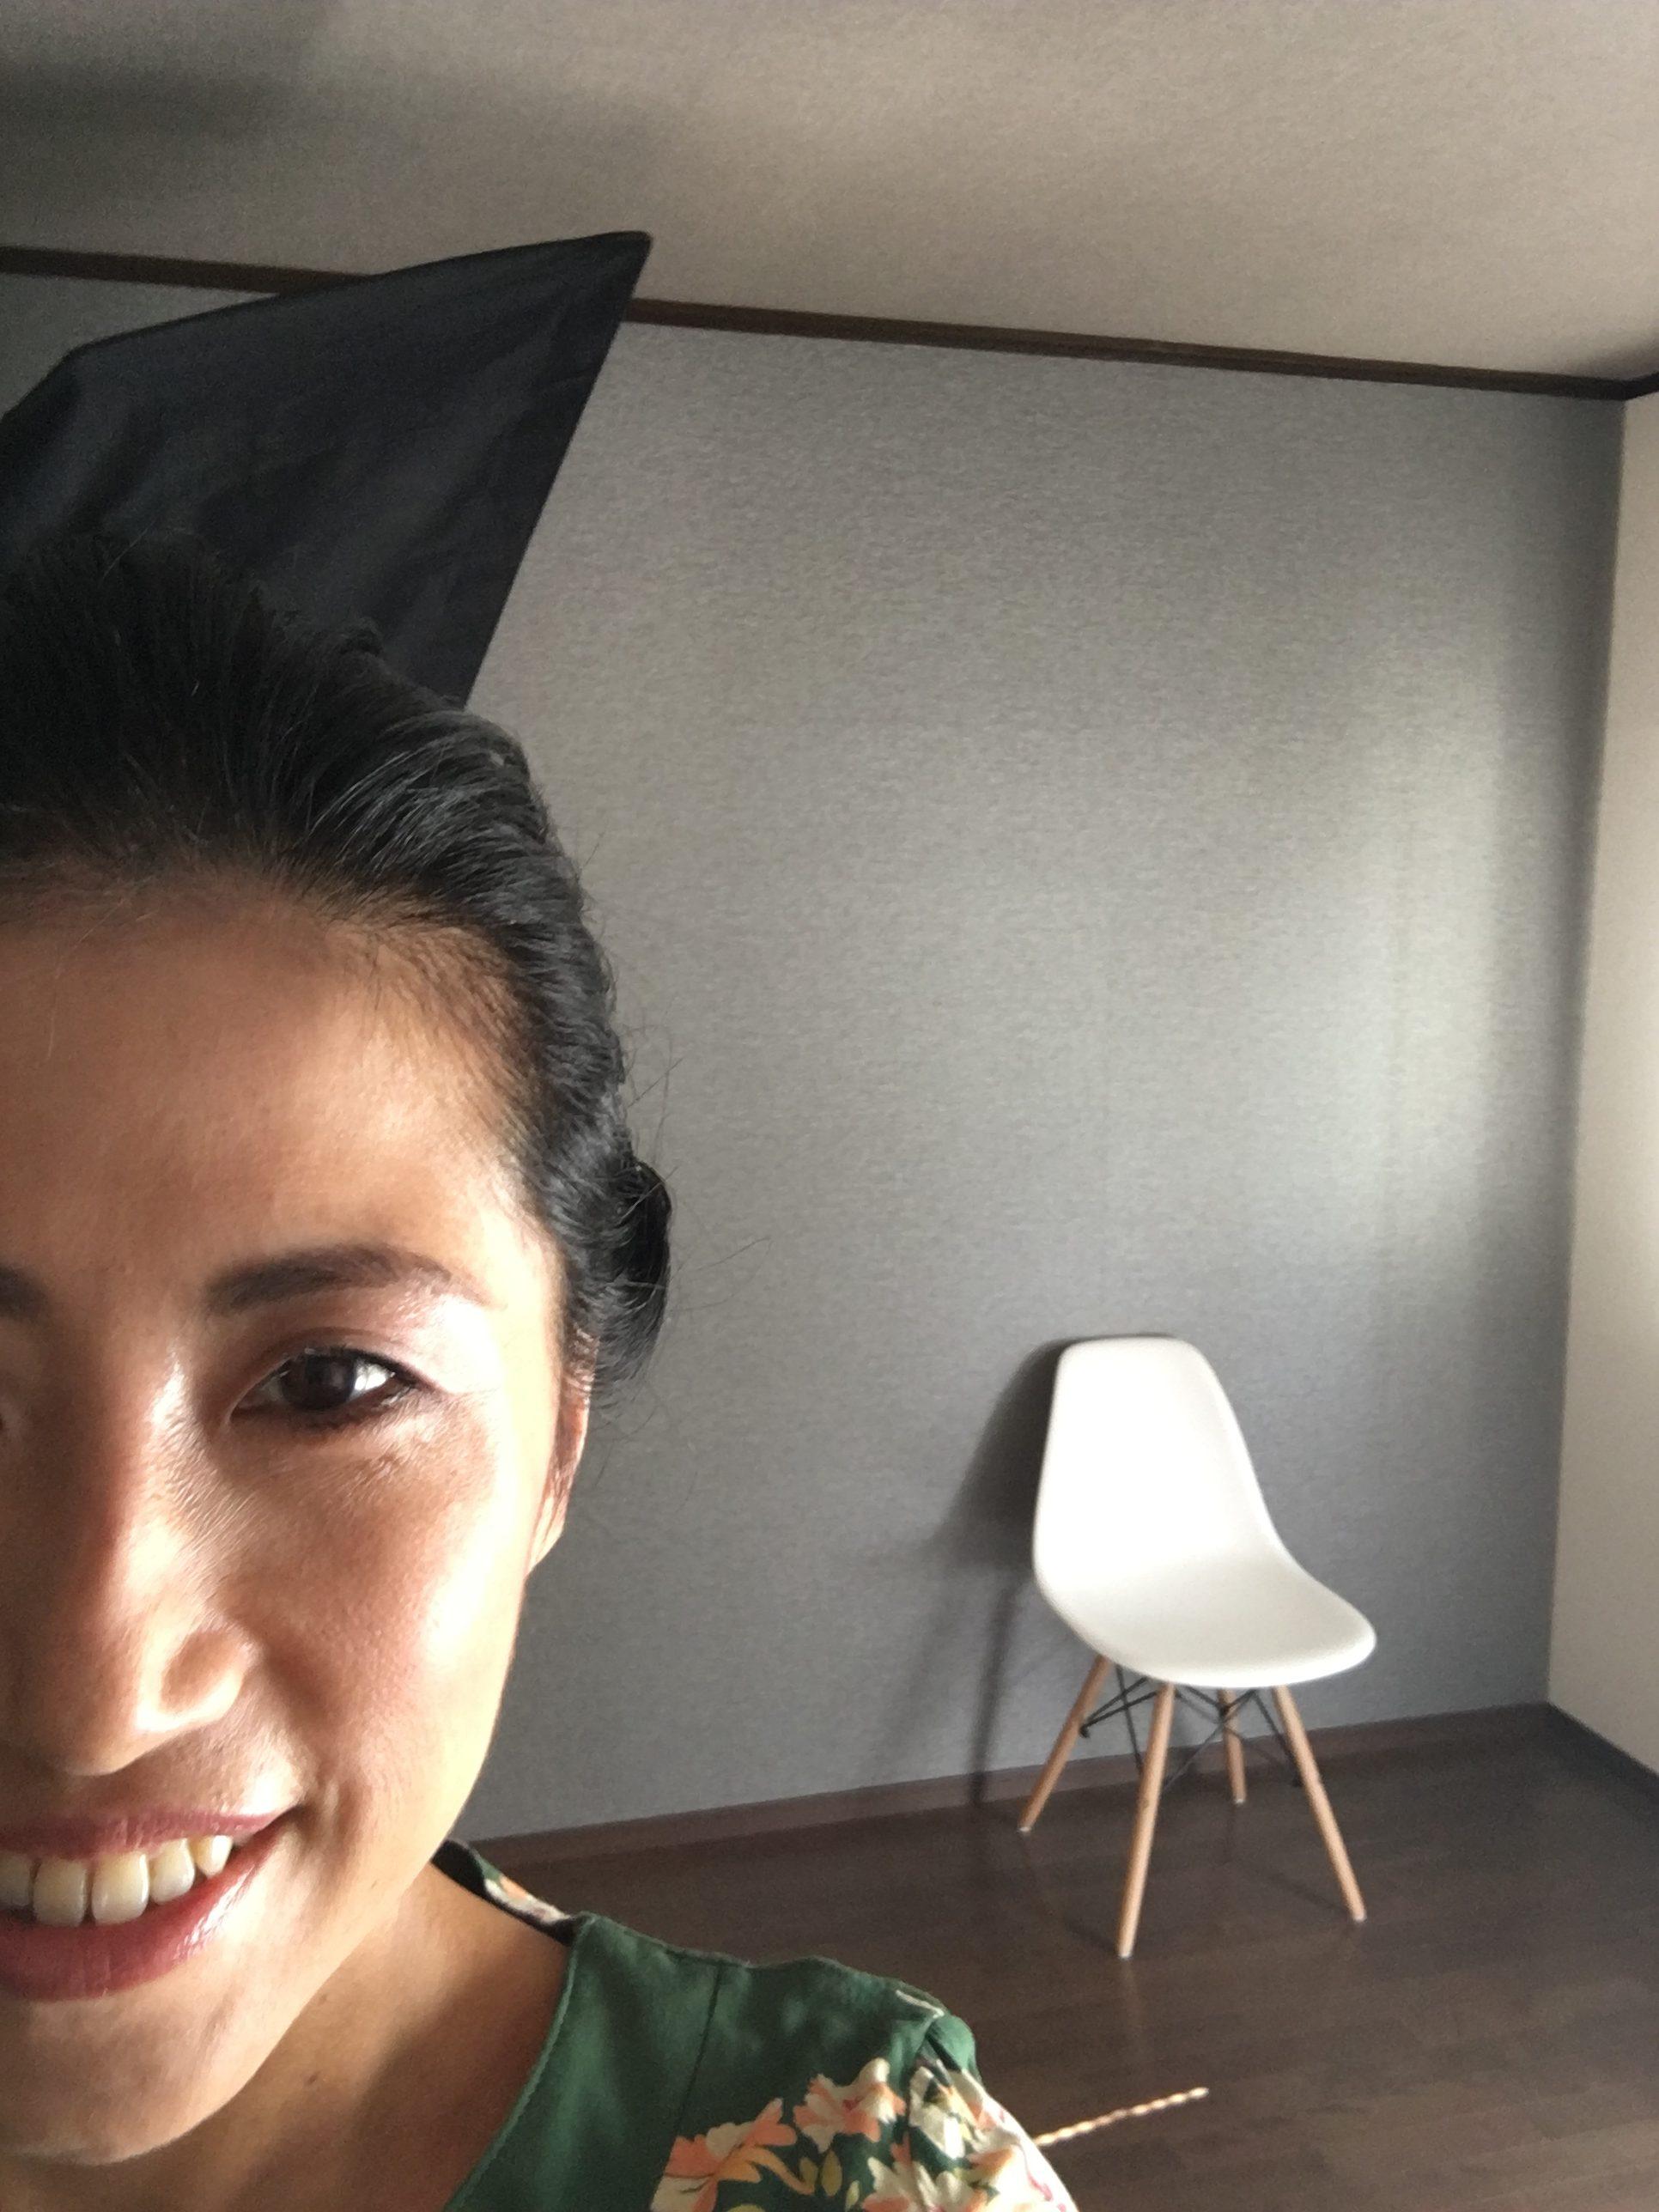 田口剛さんのスタジオで撮影